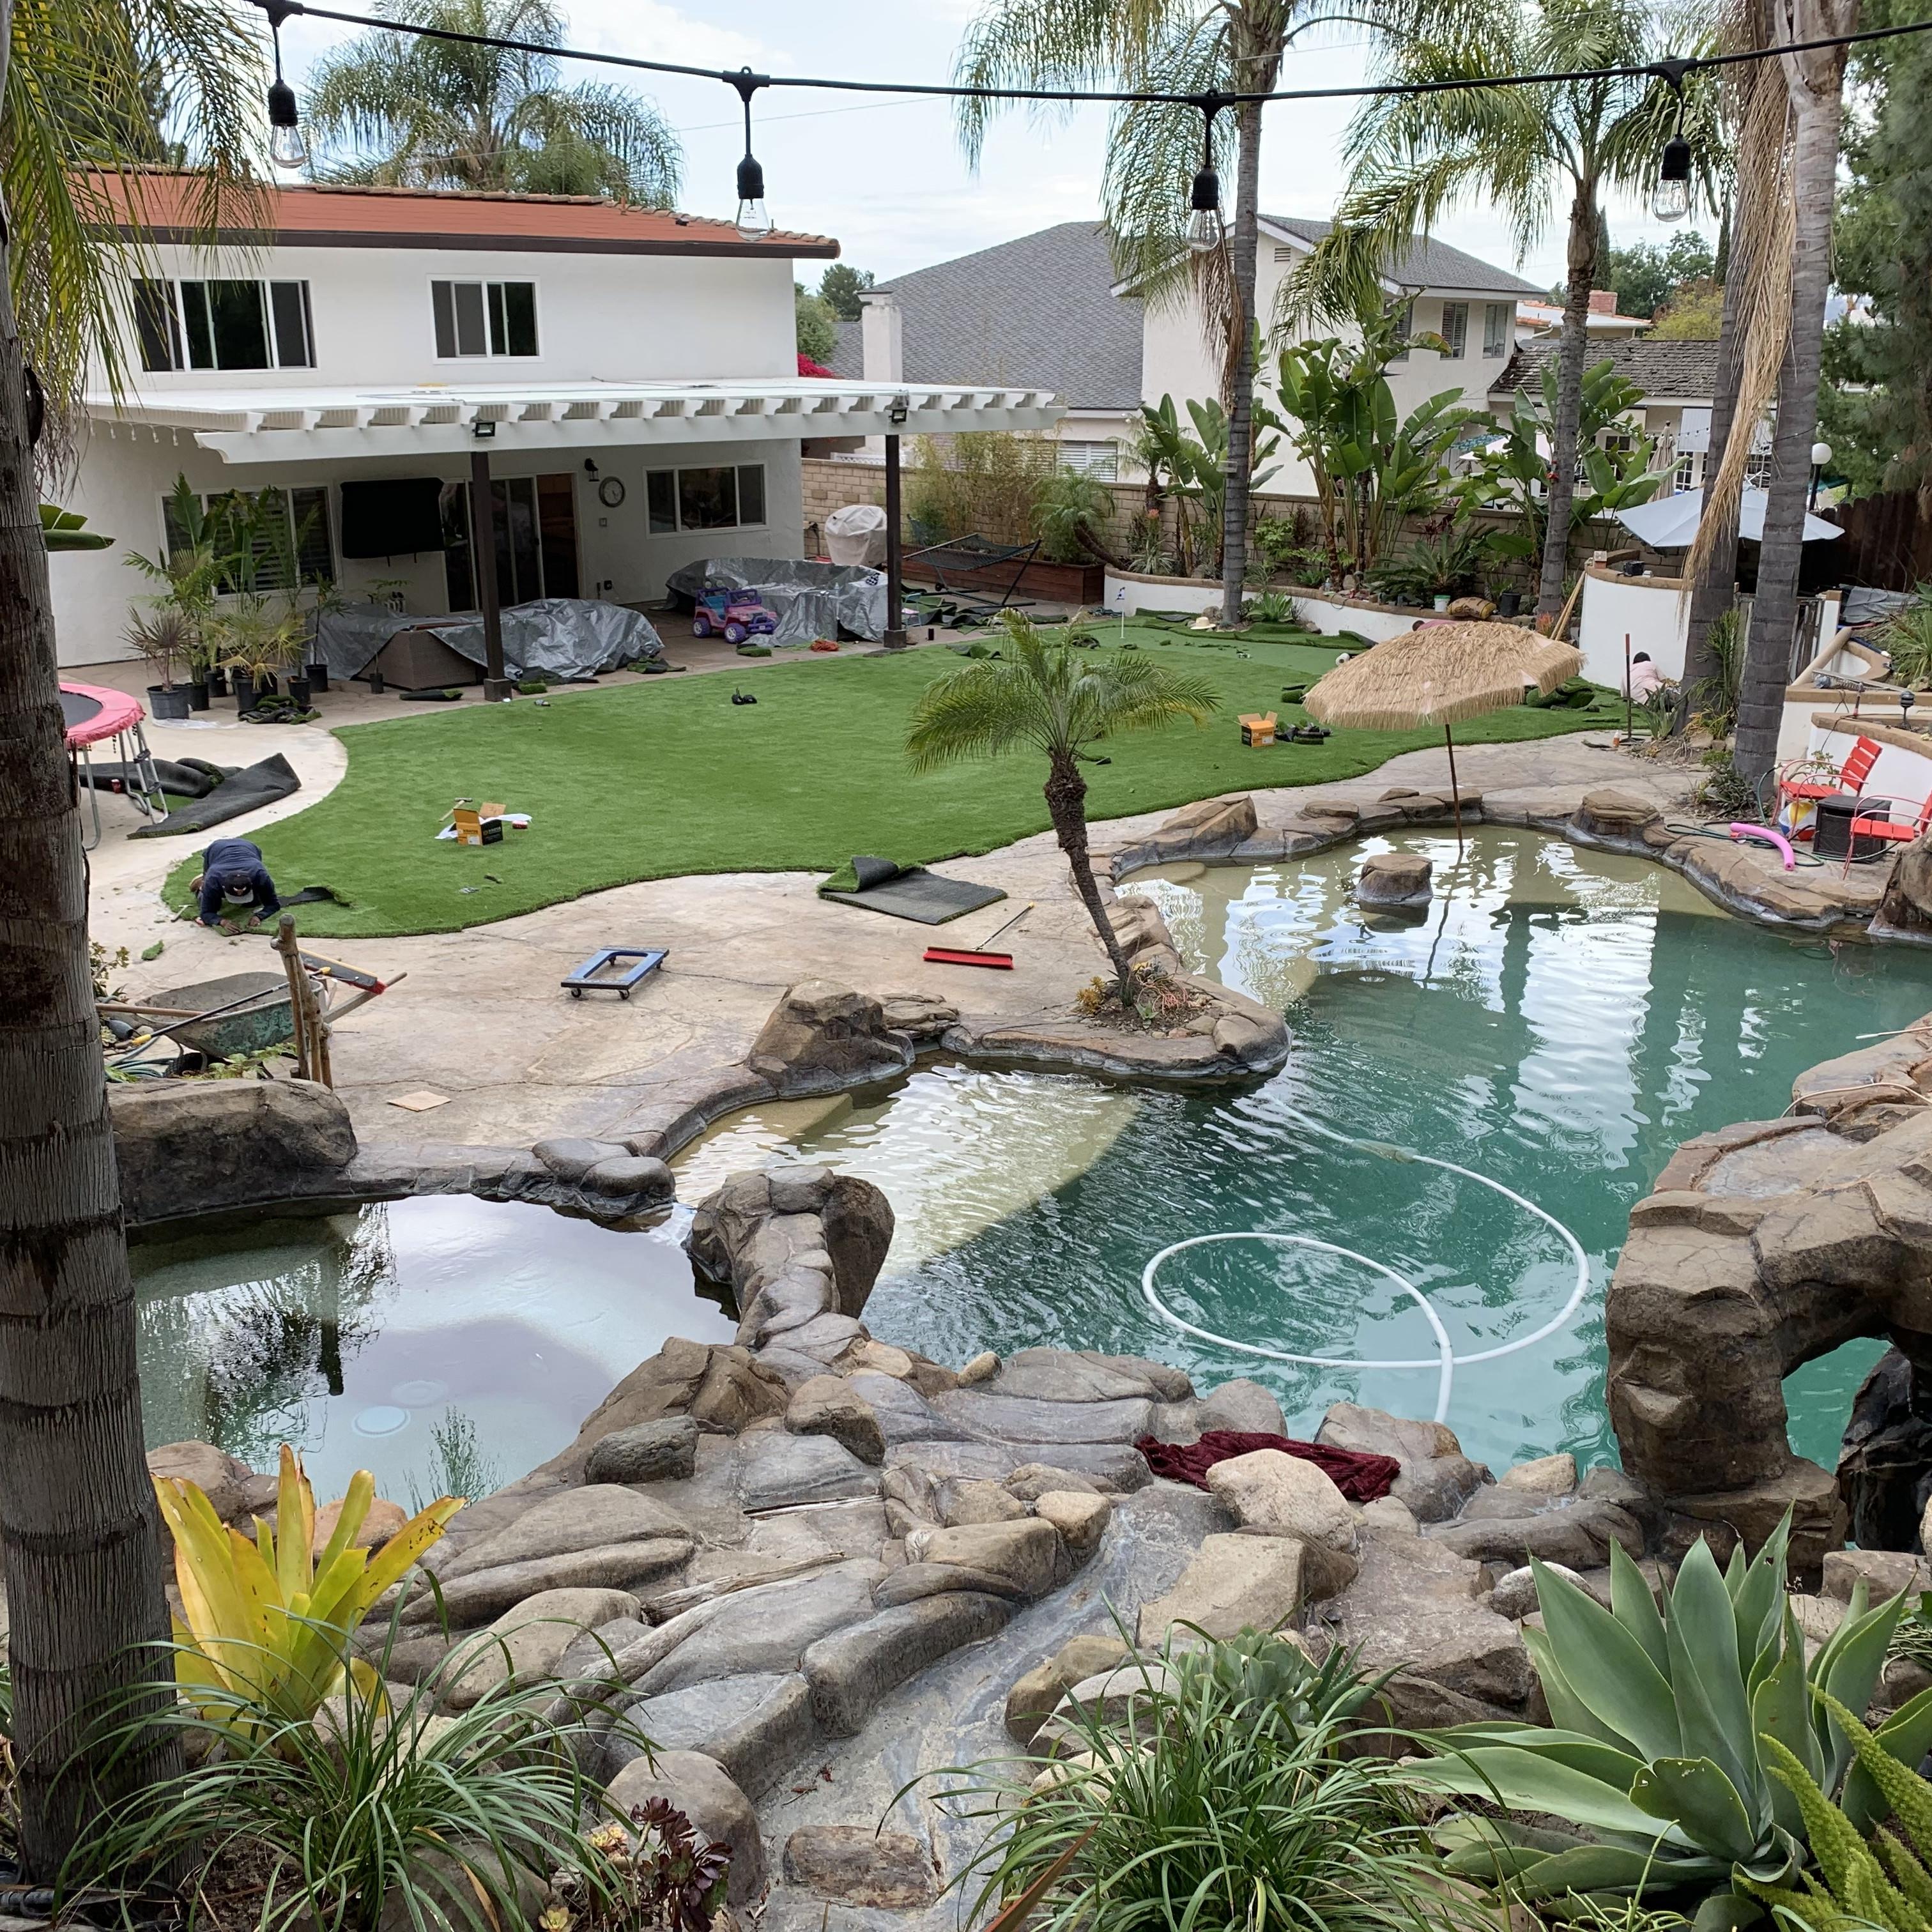 S Blade-66 backyard turf,turf backyard,fake grass for backyard,fake grass backyard,artificial grass backyard